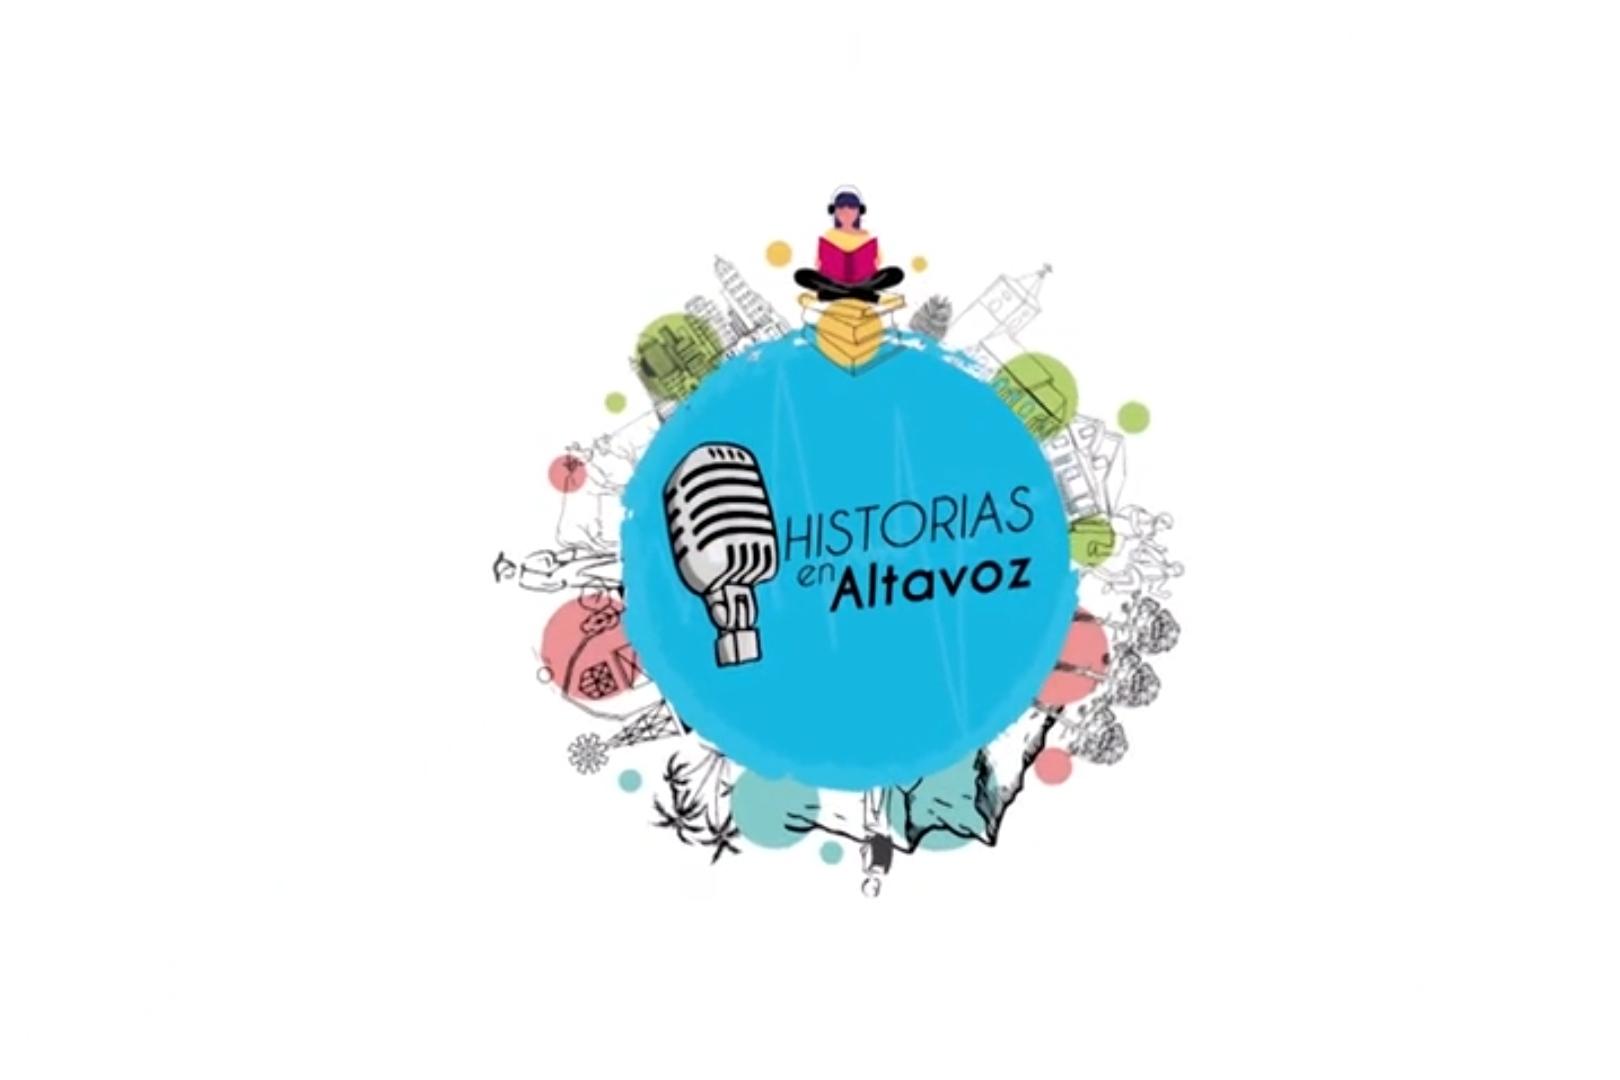 Historias en AltaVoz es el nuevo programa radial del Plan Nacional de Lectura y Escritura del Ministerio de Educación para apoyar el desarrollo de competencias en lenguaje